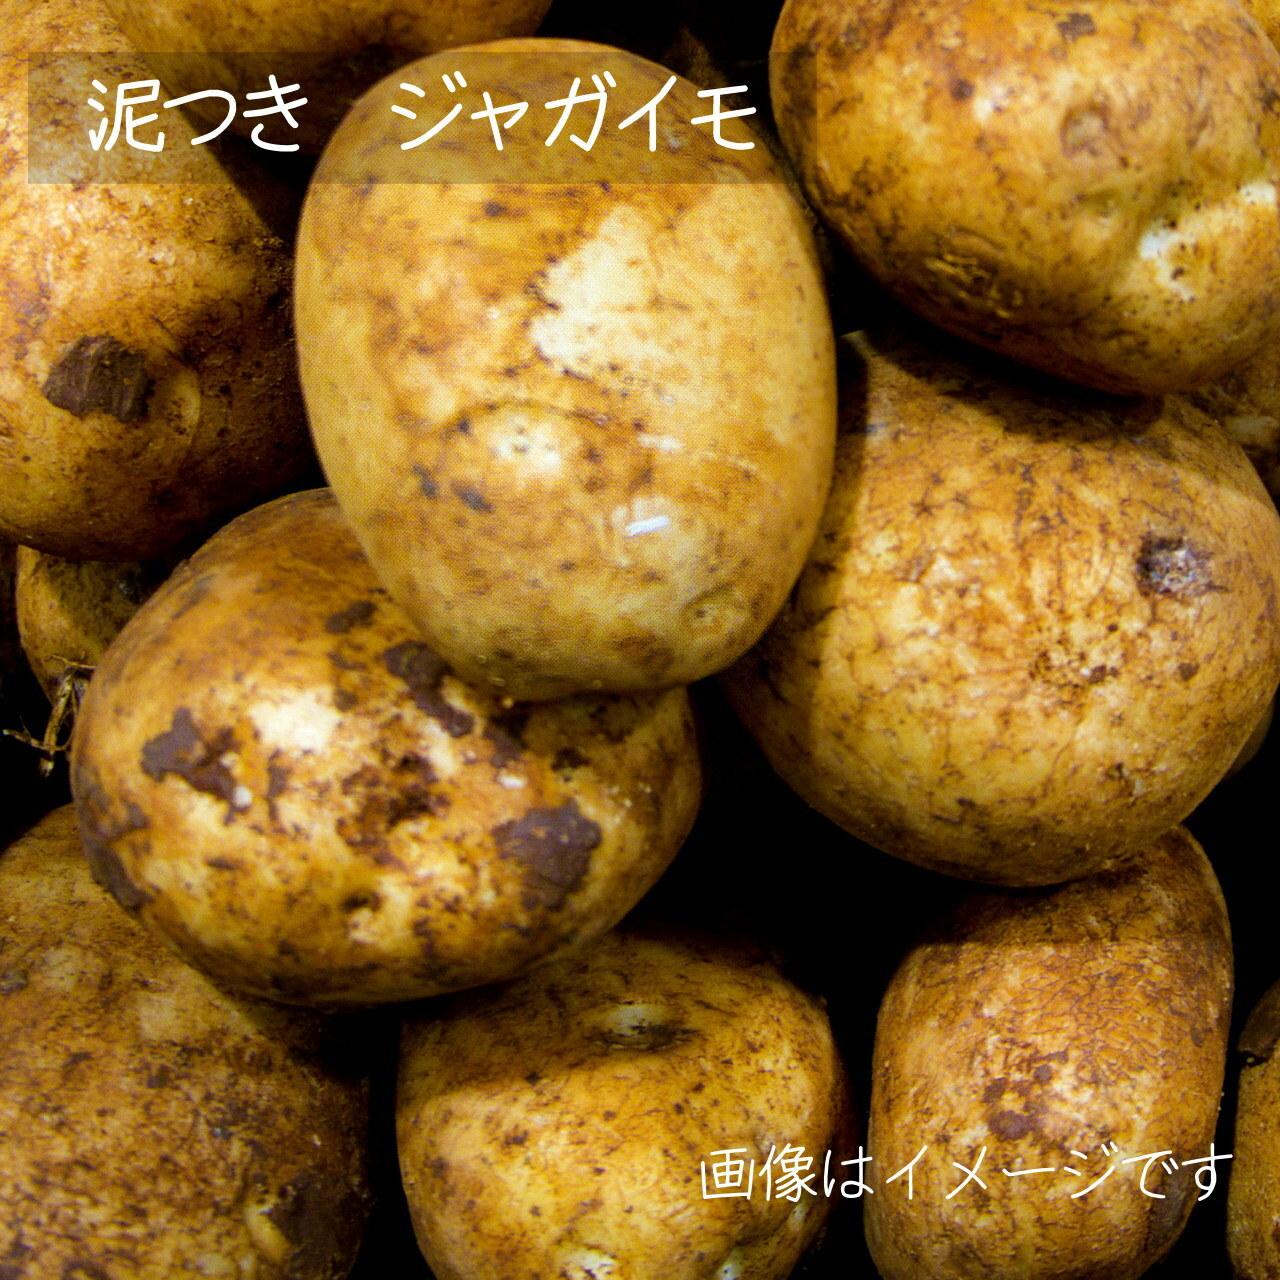 朝採り直売野菜 ジャガイモ 4~5個 新鮮な春野菜 4月18日発送予定